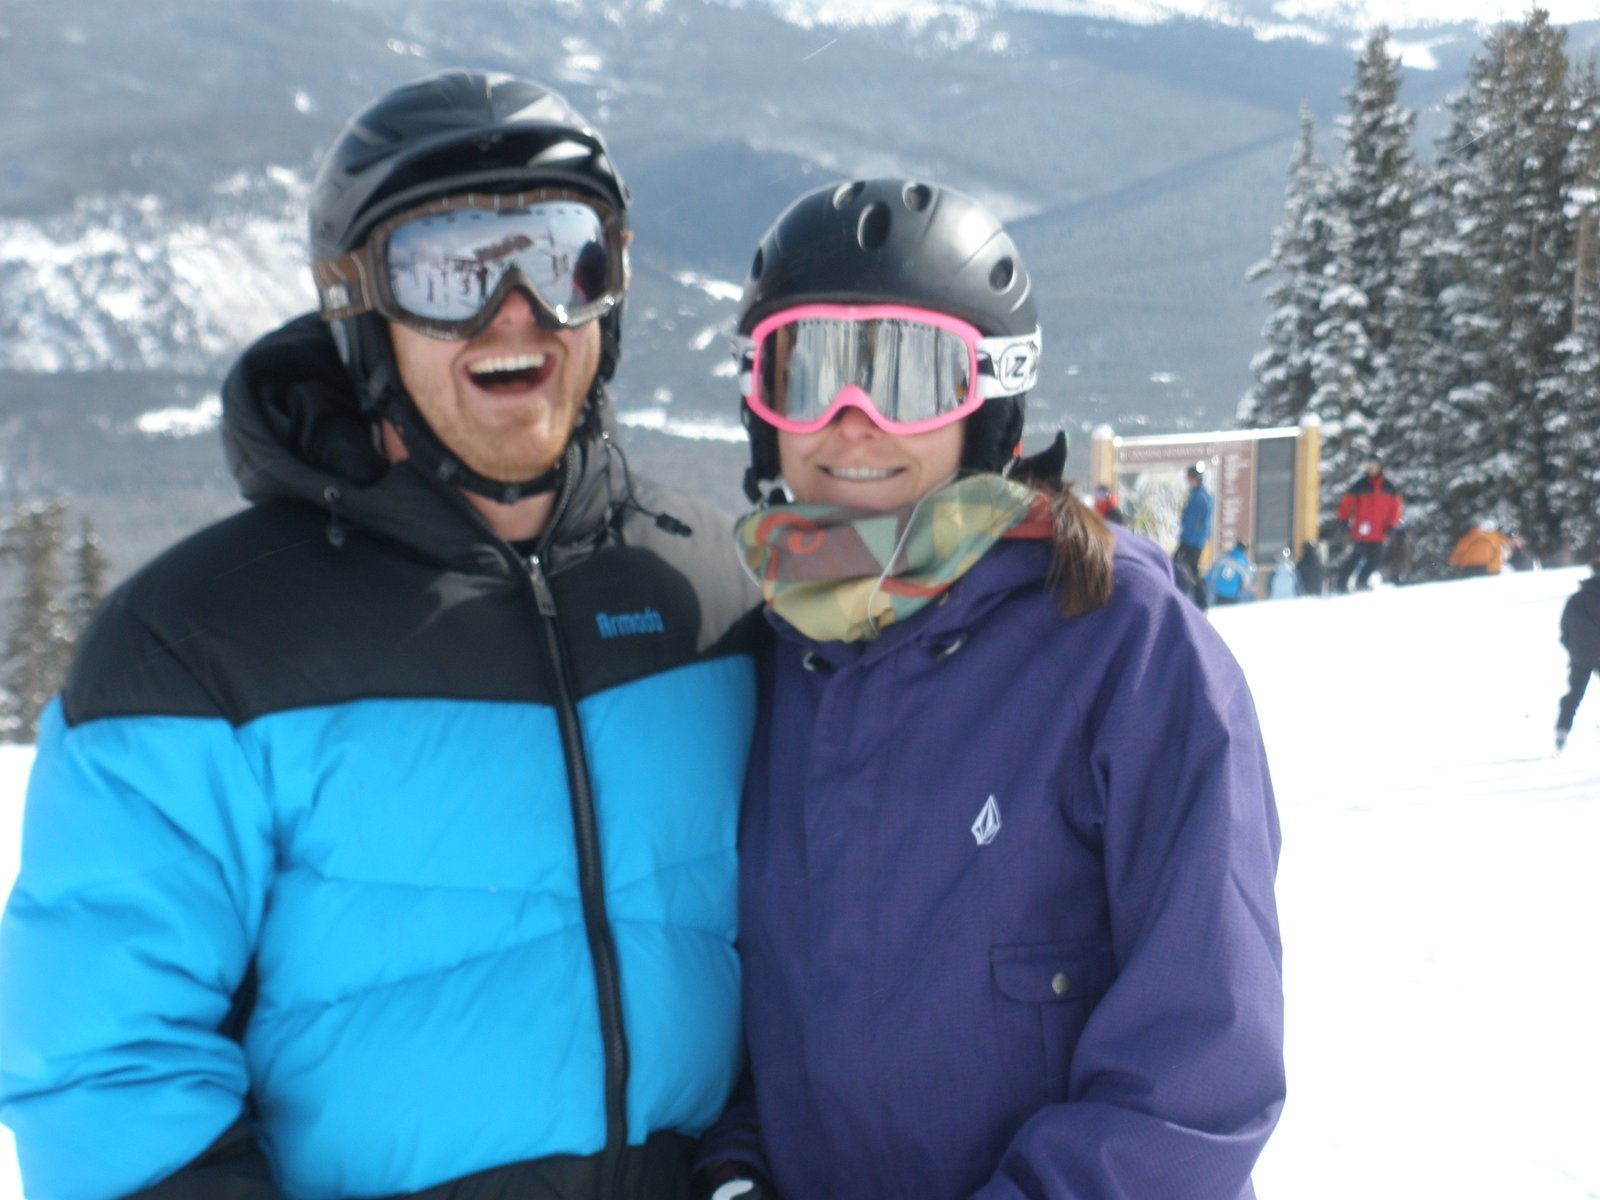 Me and bob at Breck